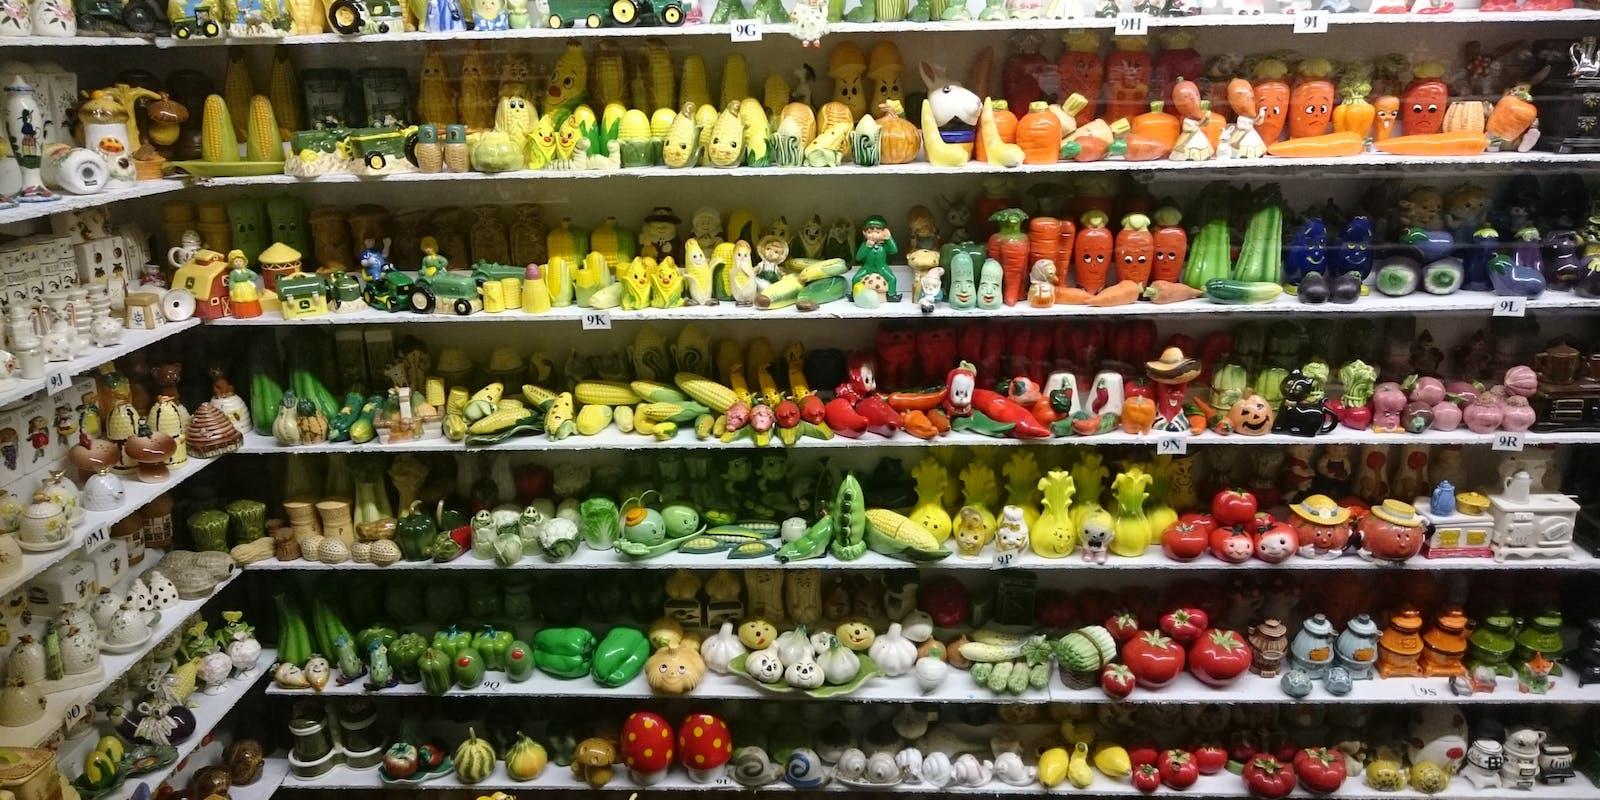 Shelves full of salt and pepper shakers